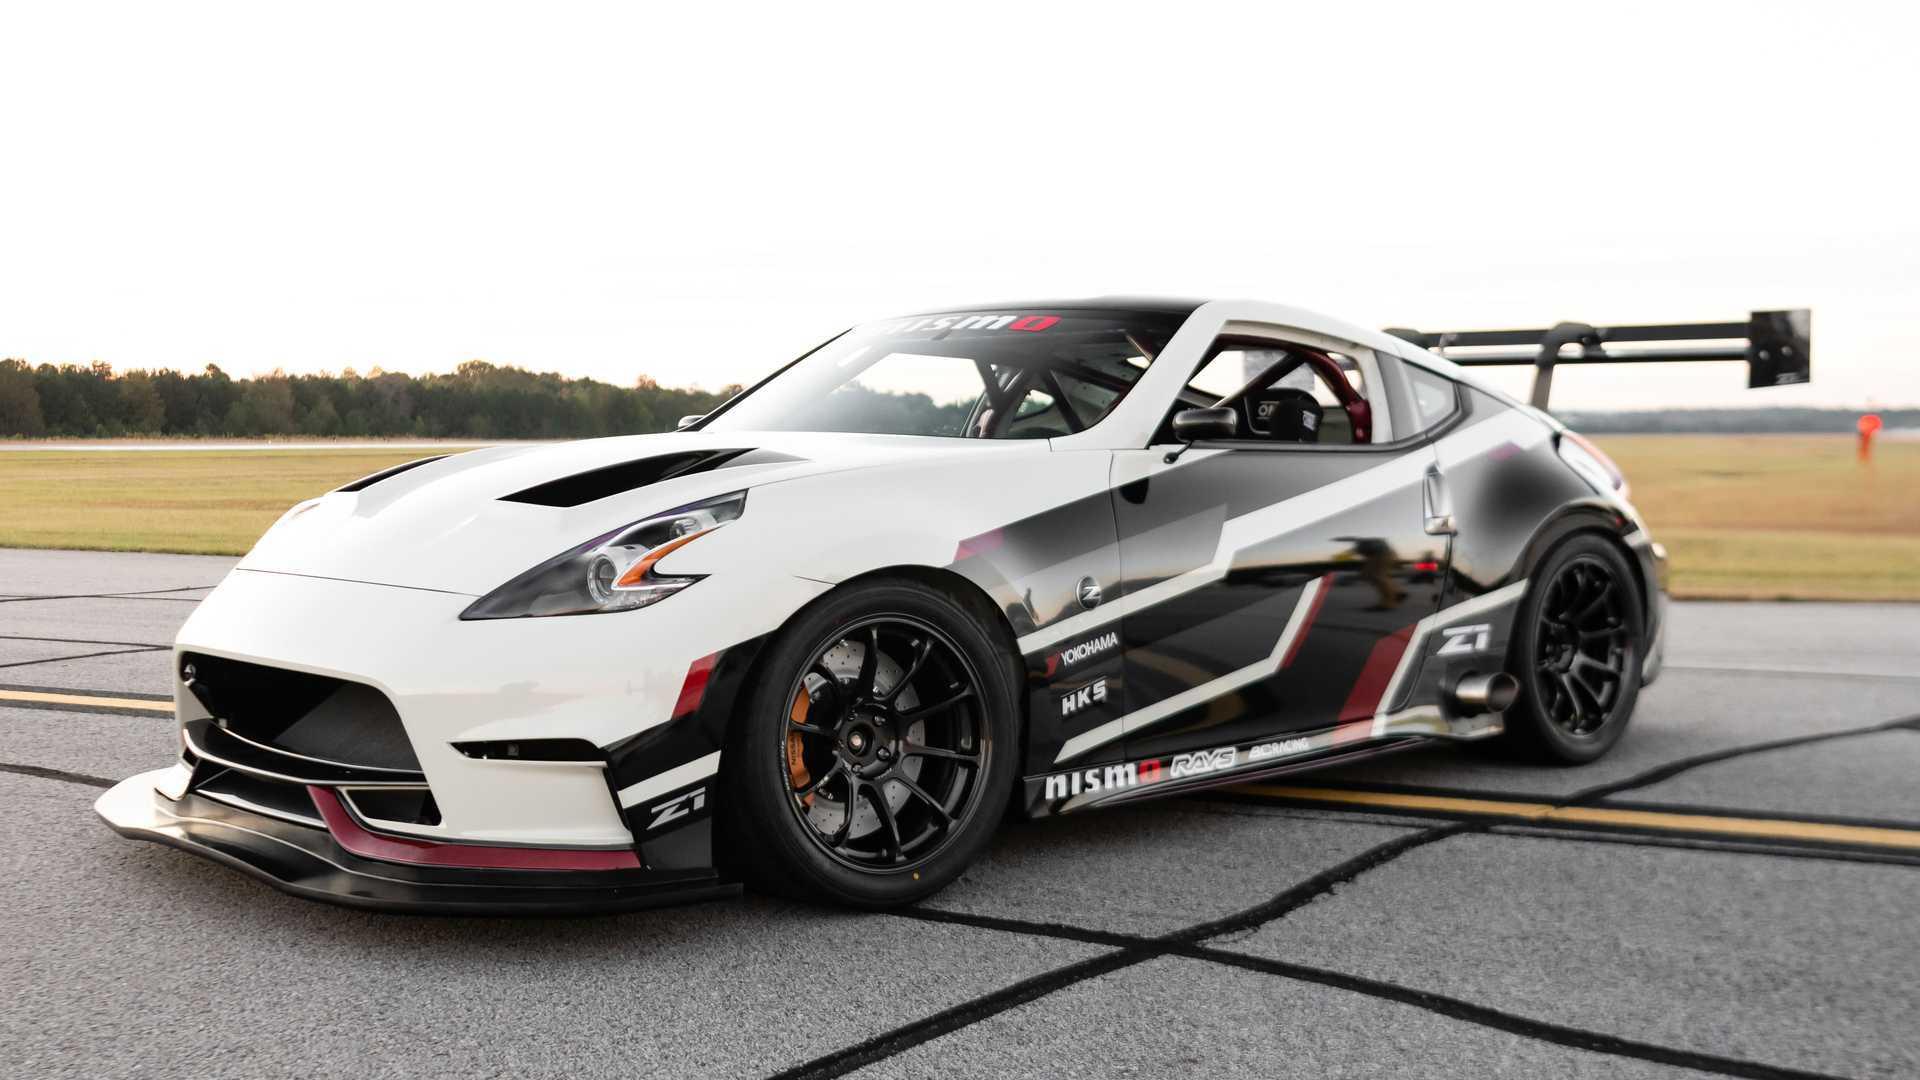 [Image: nissan-370z-by-z1-motorsports.jpg]